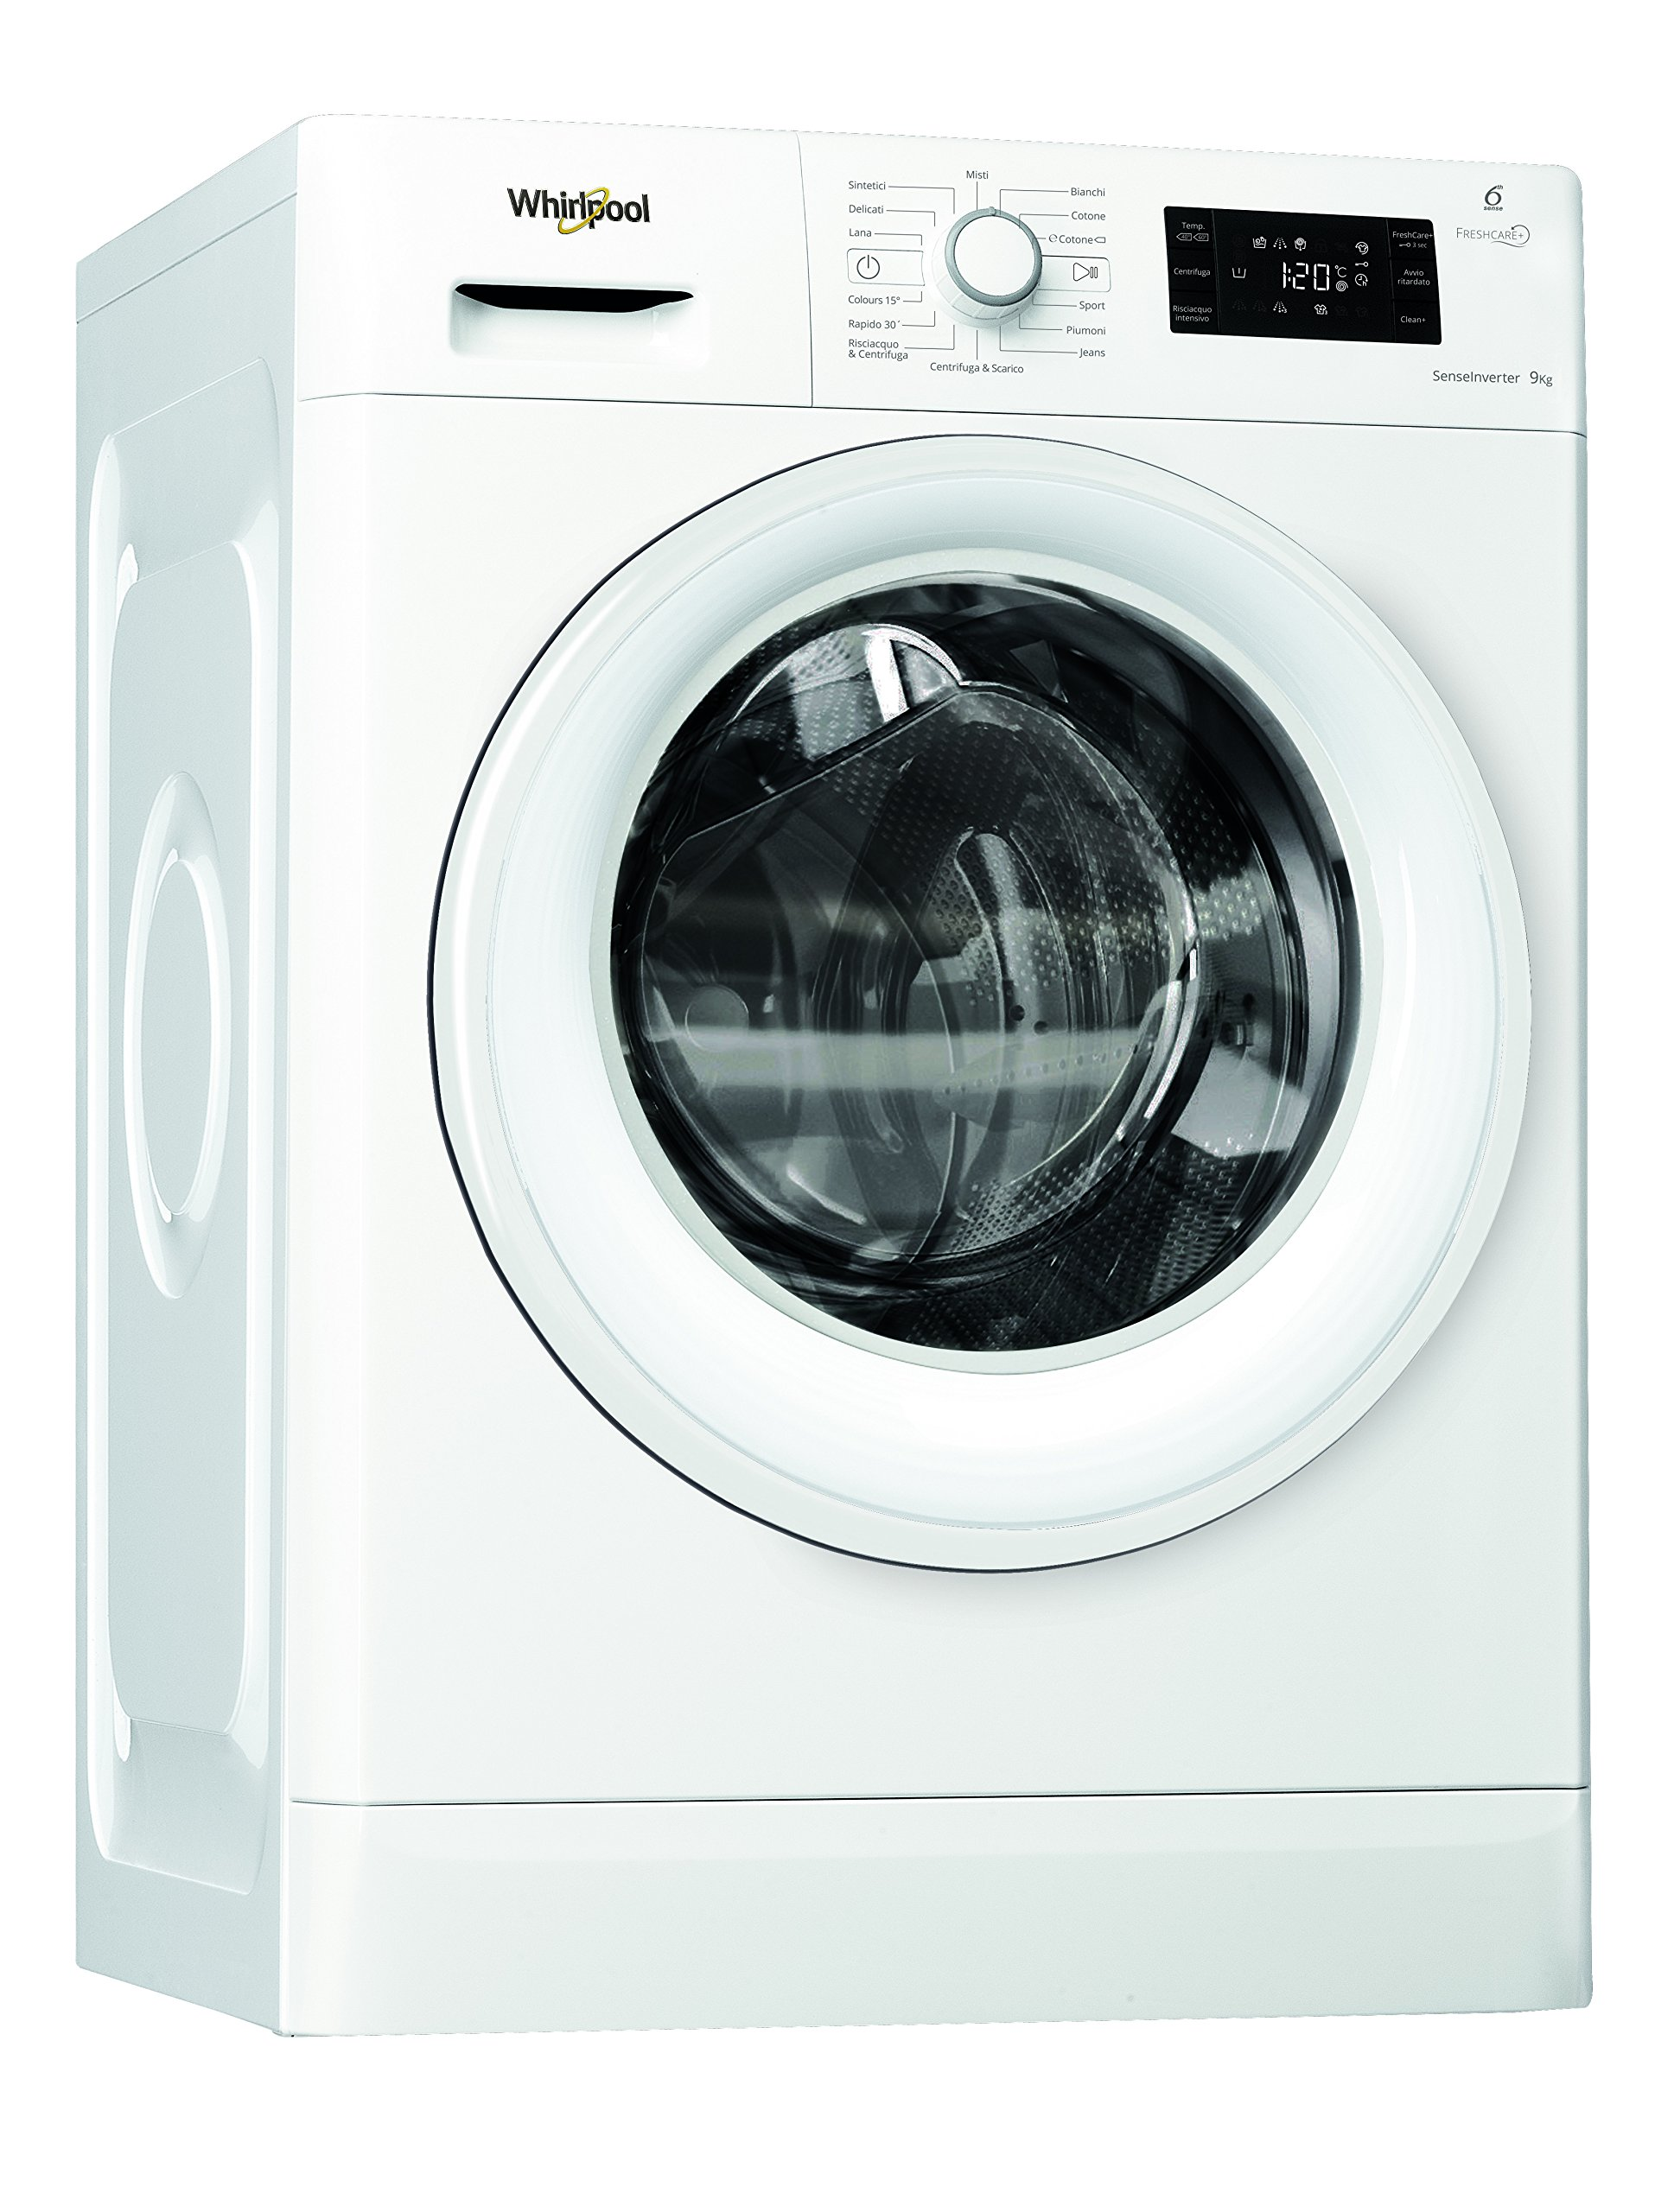 Whirlpool-fwg91284-W-IT-freistehend-geladen-vorne-9-kg-1200-Umin-A-Wei-Waschmaschine